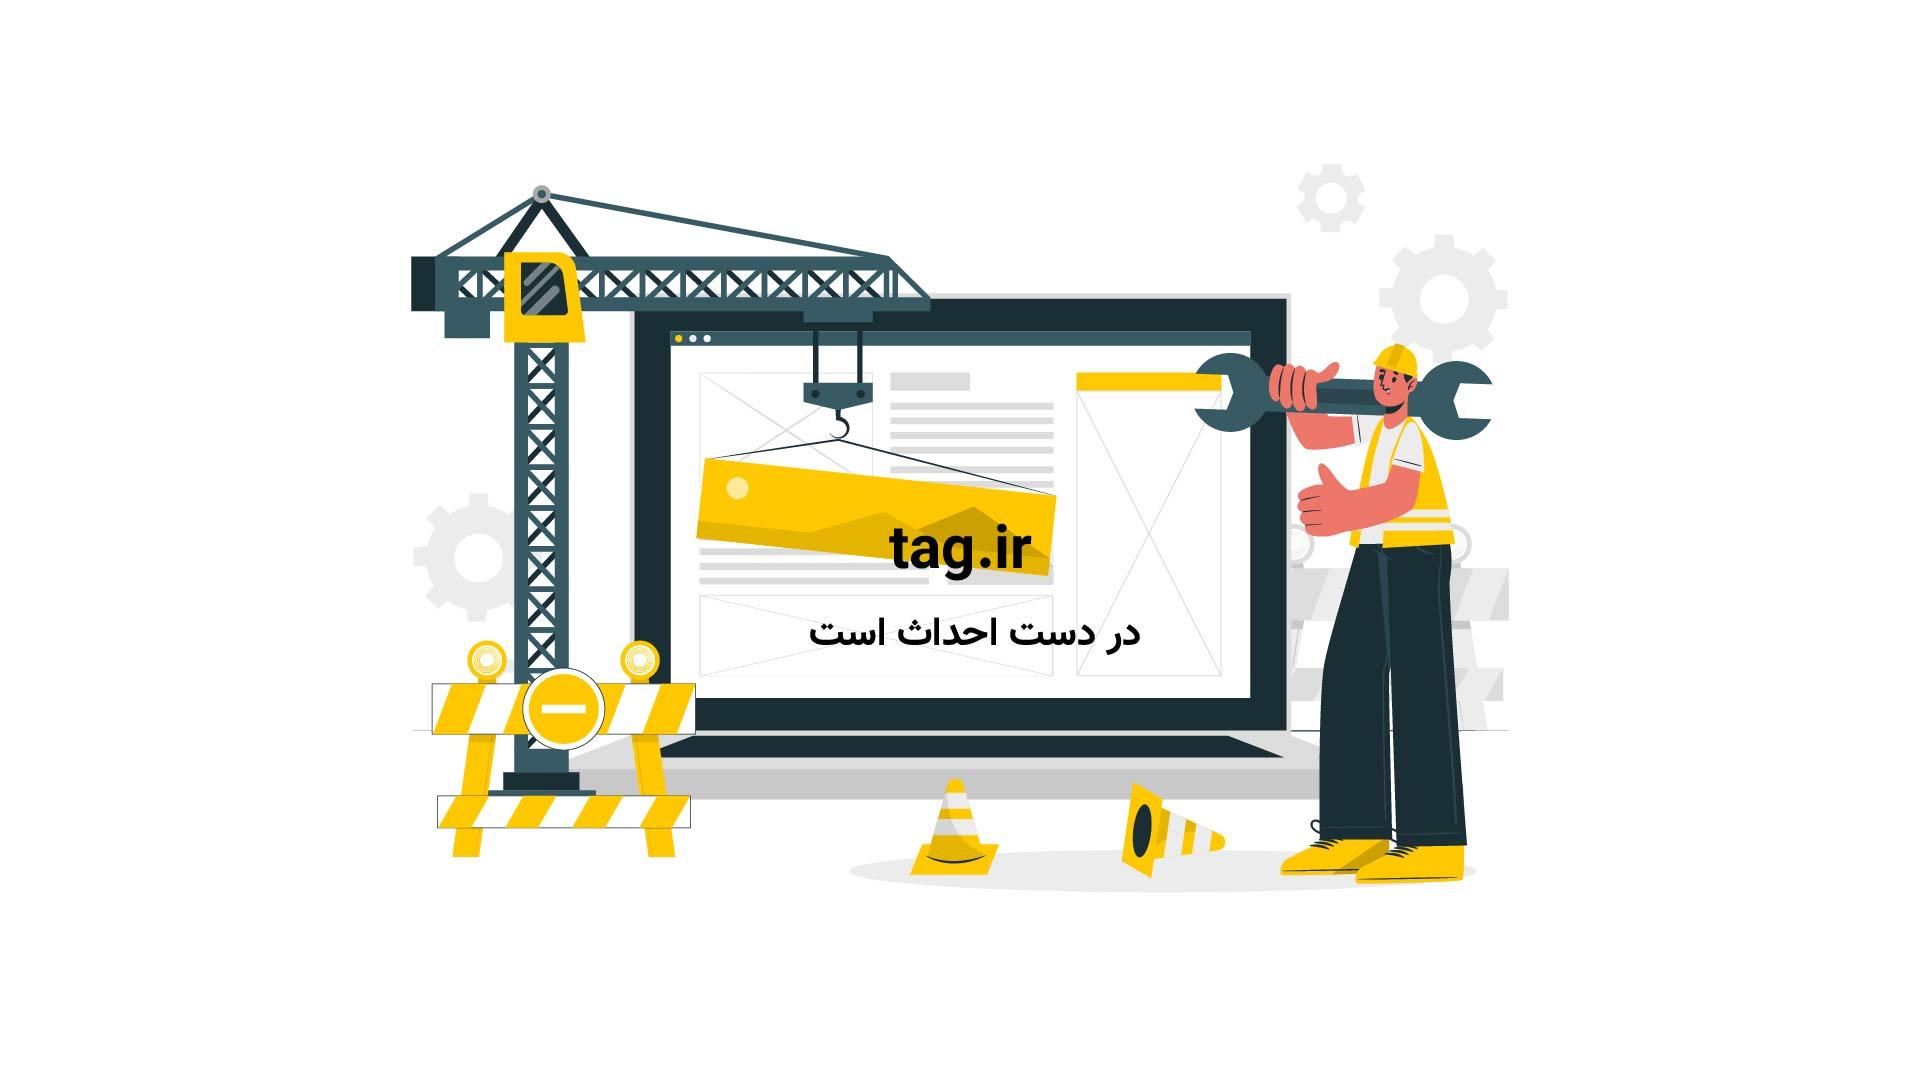 انیمیشن گربه سایمون؛ این قسمت گفت و گوی گربه ای | فیلم